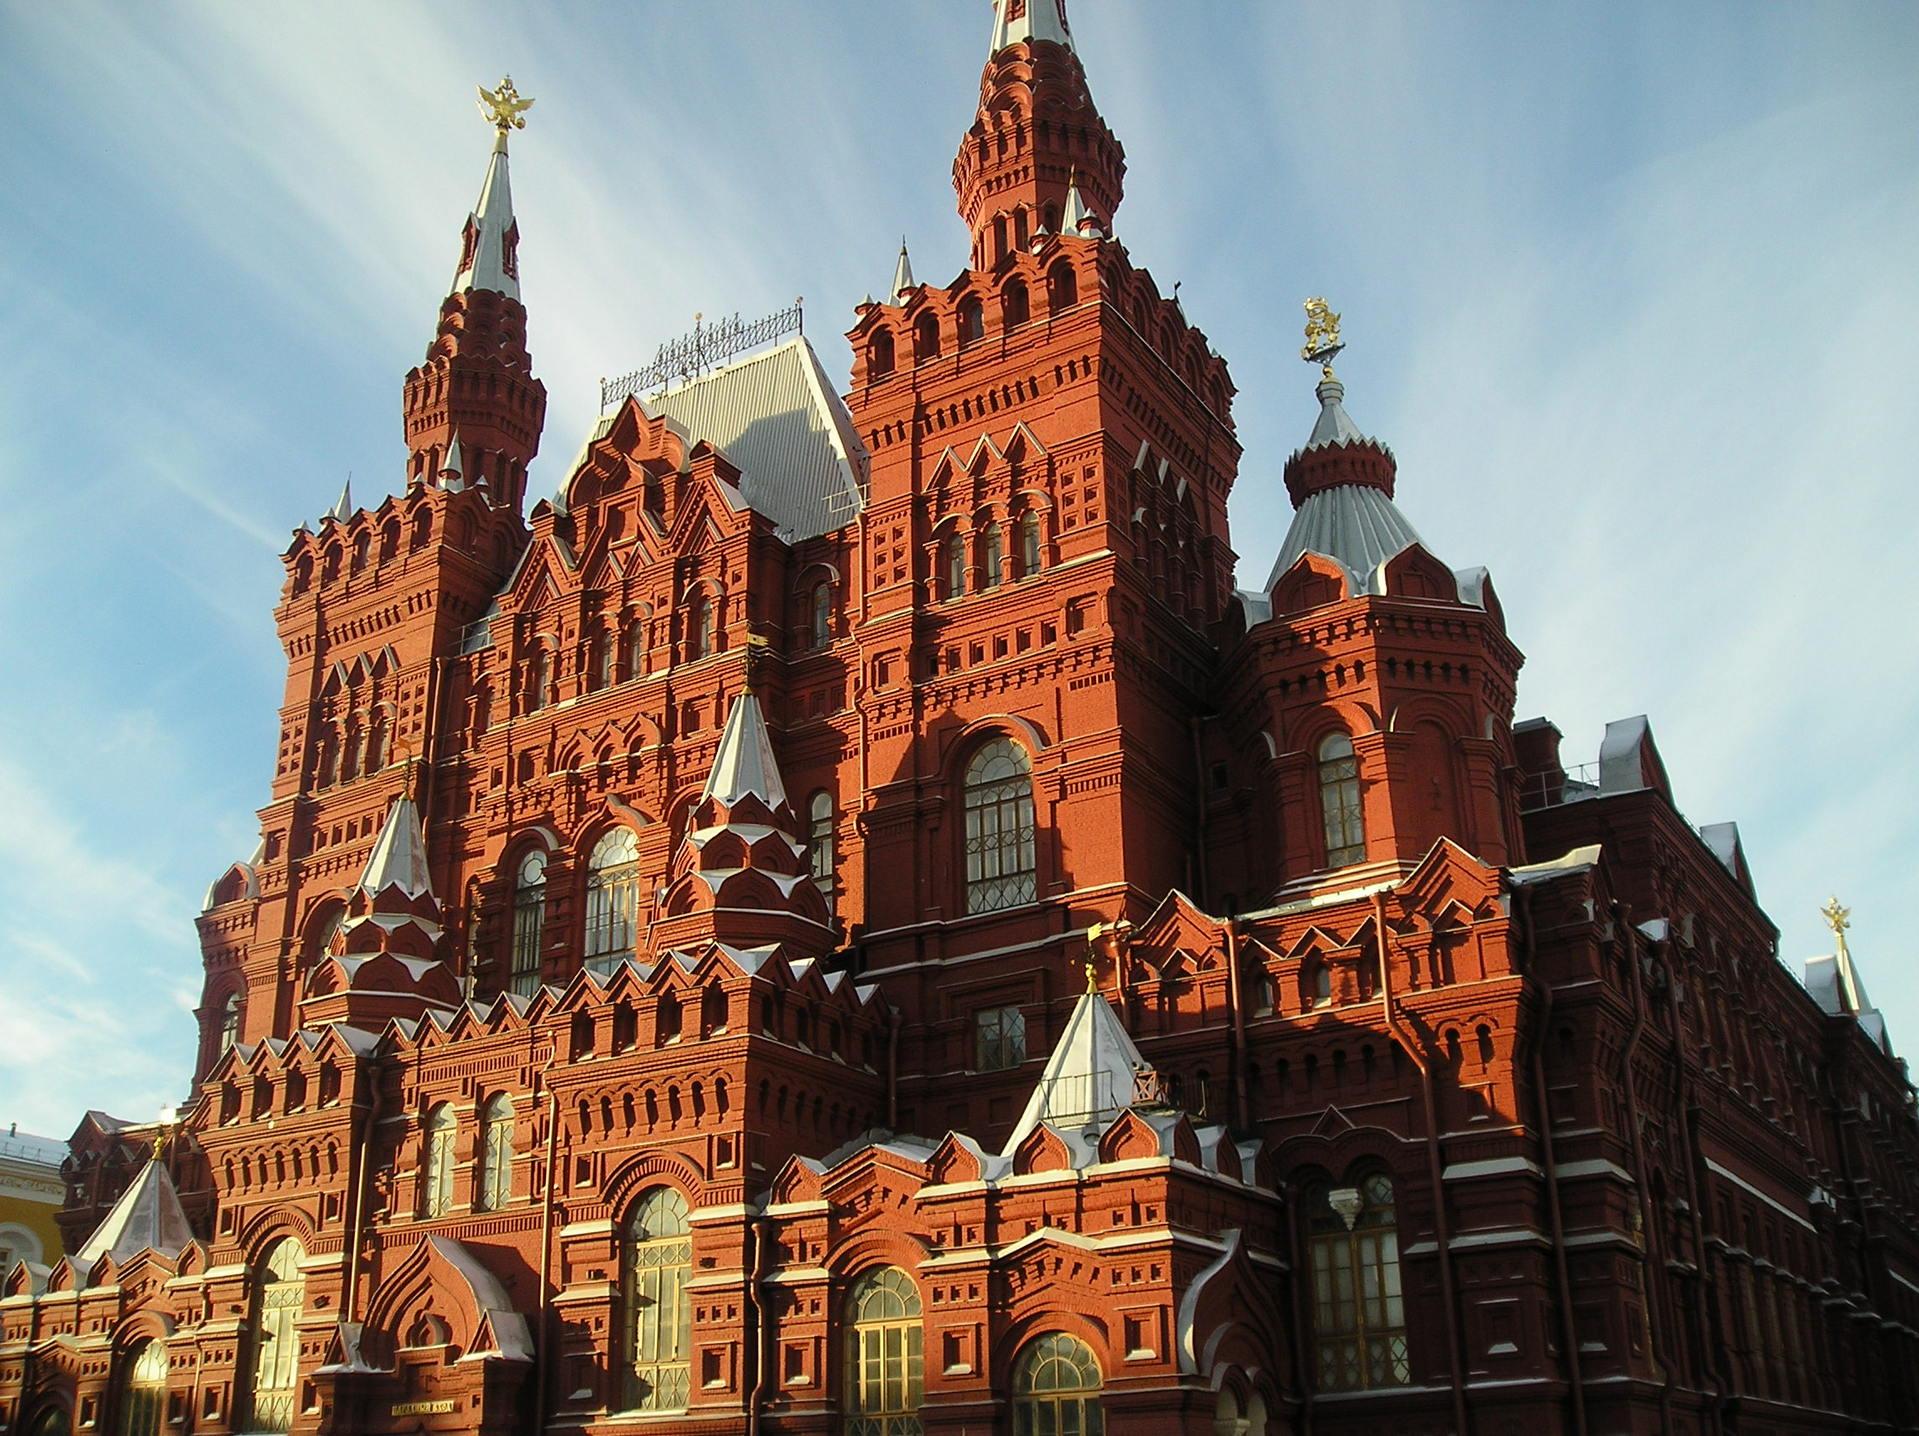 фото исторических памятников архитектуры второе поколение, более